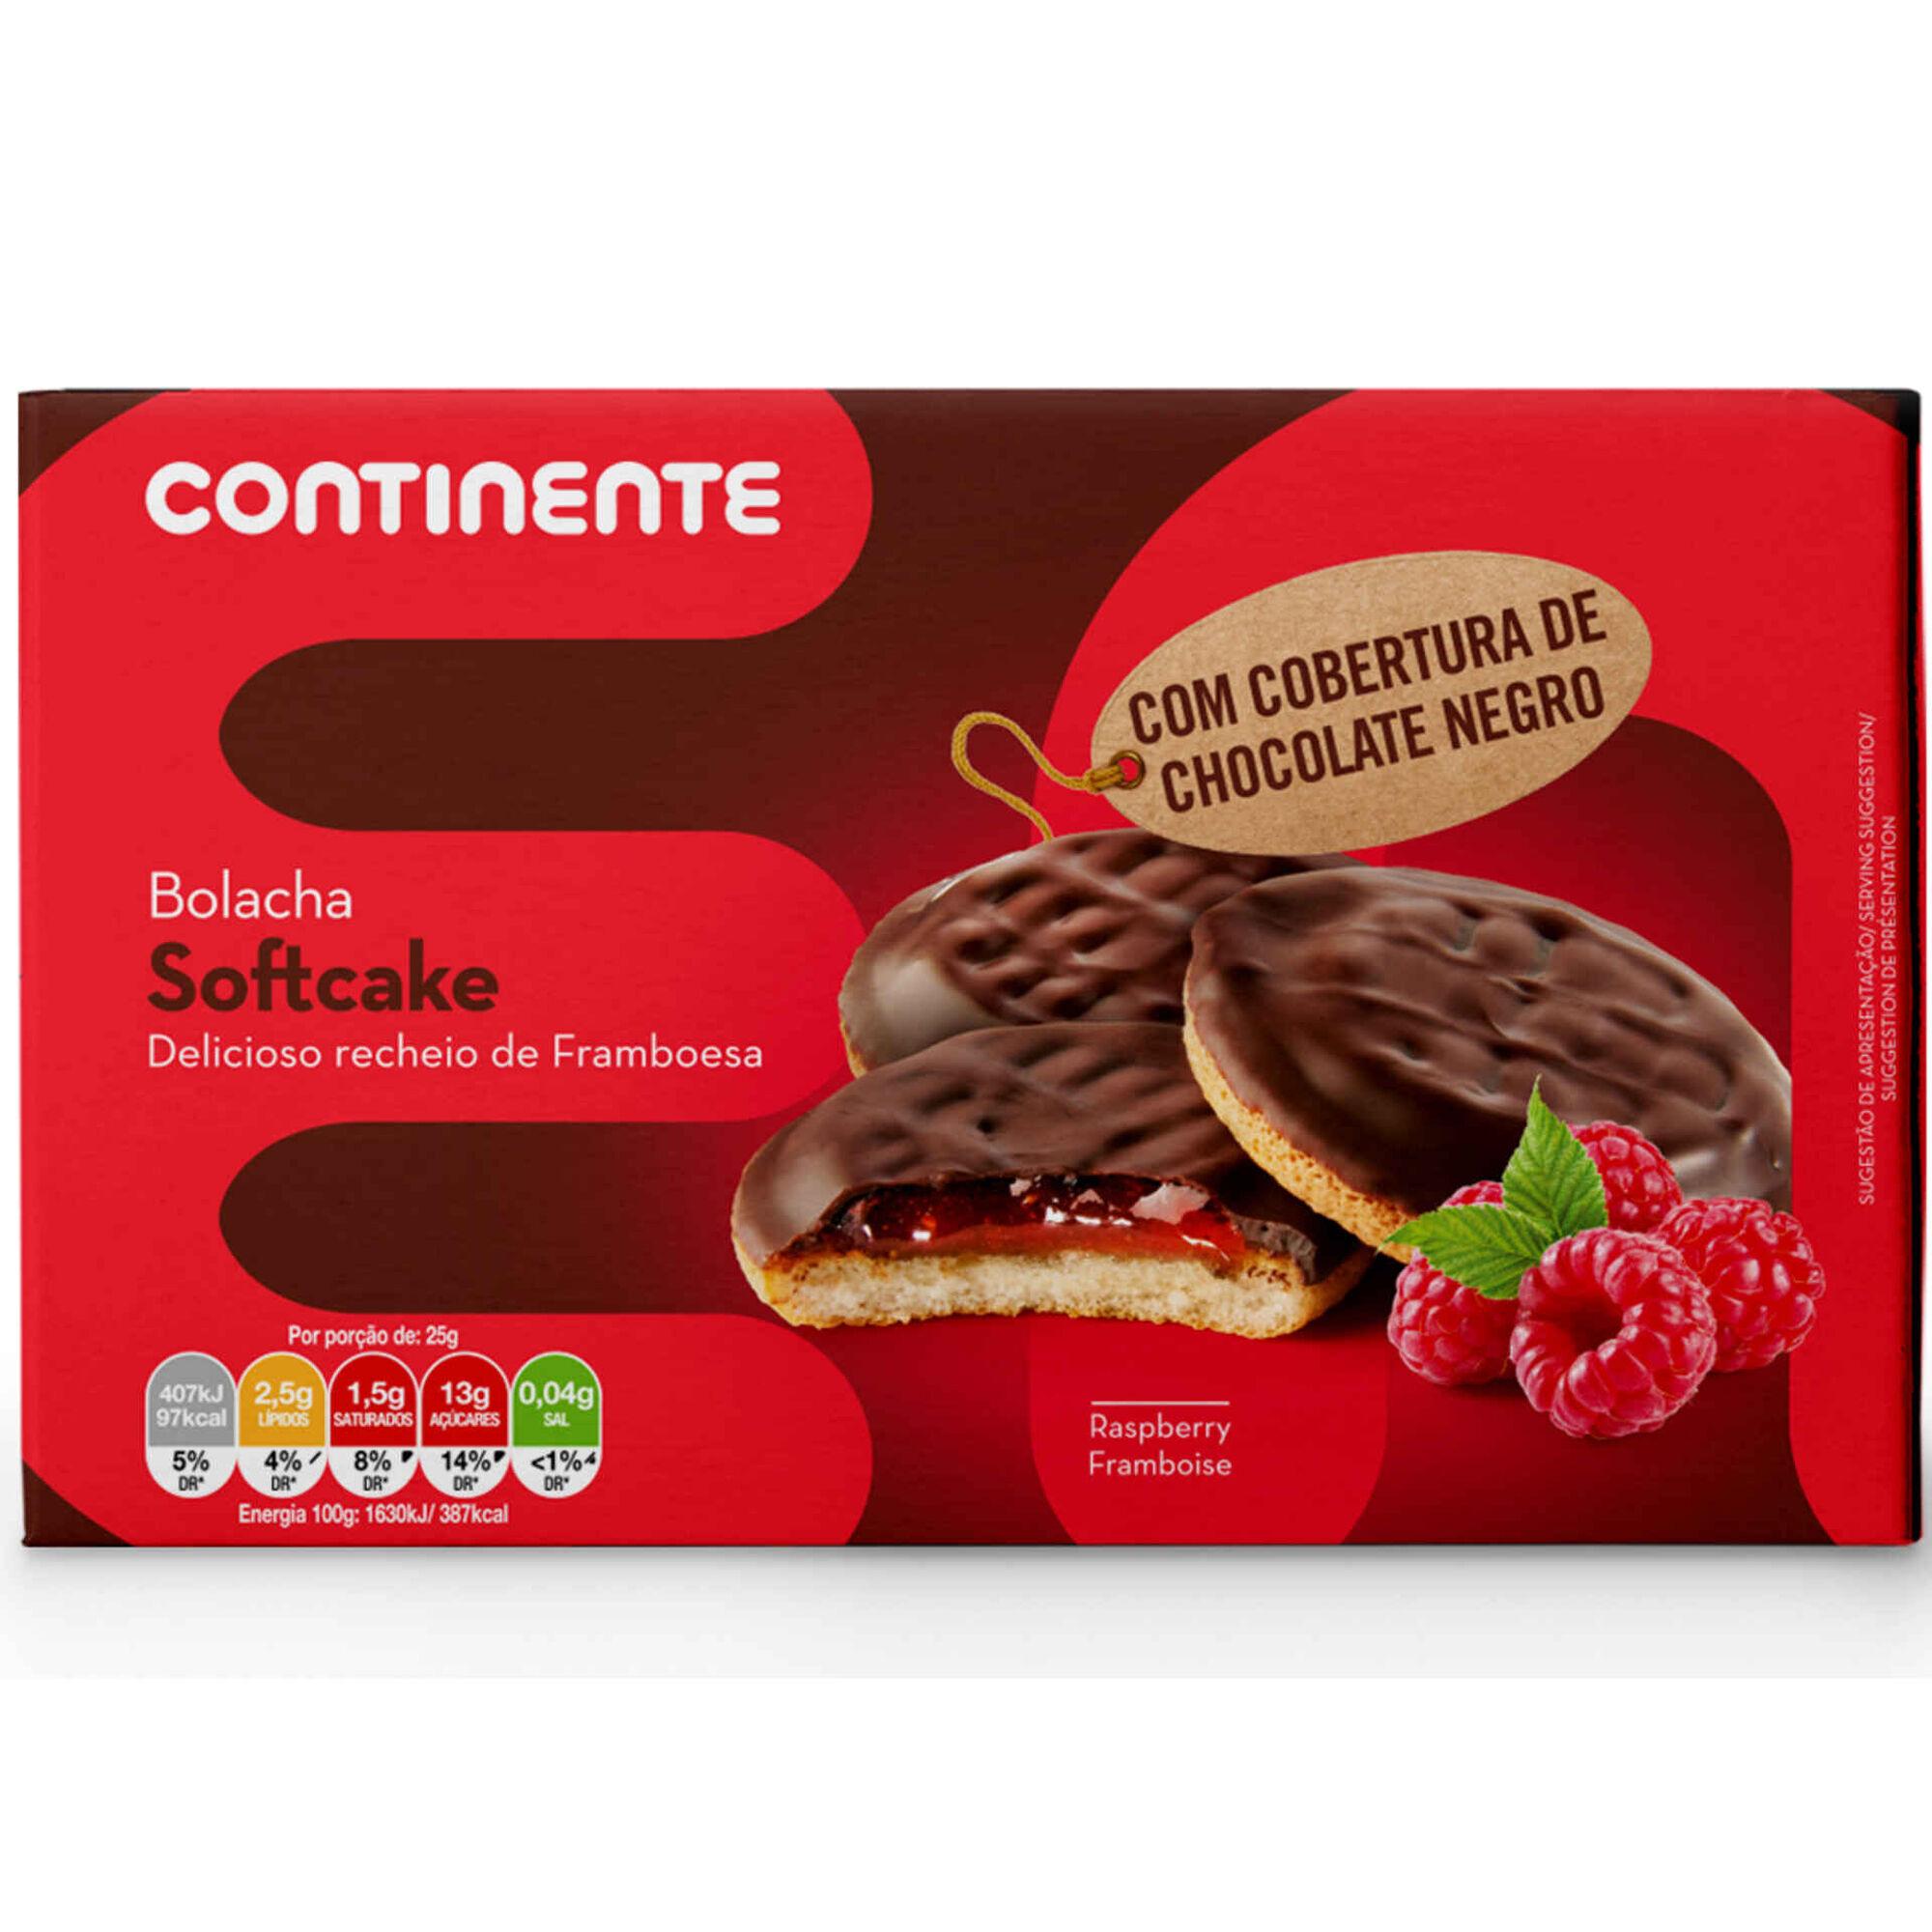 Bolachas Soft Cake de Framboesa e Chocolate Negro